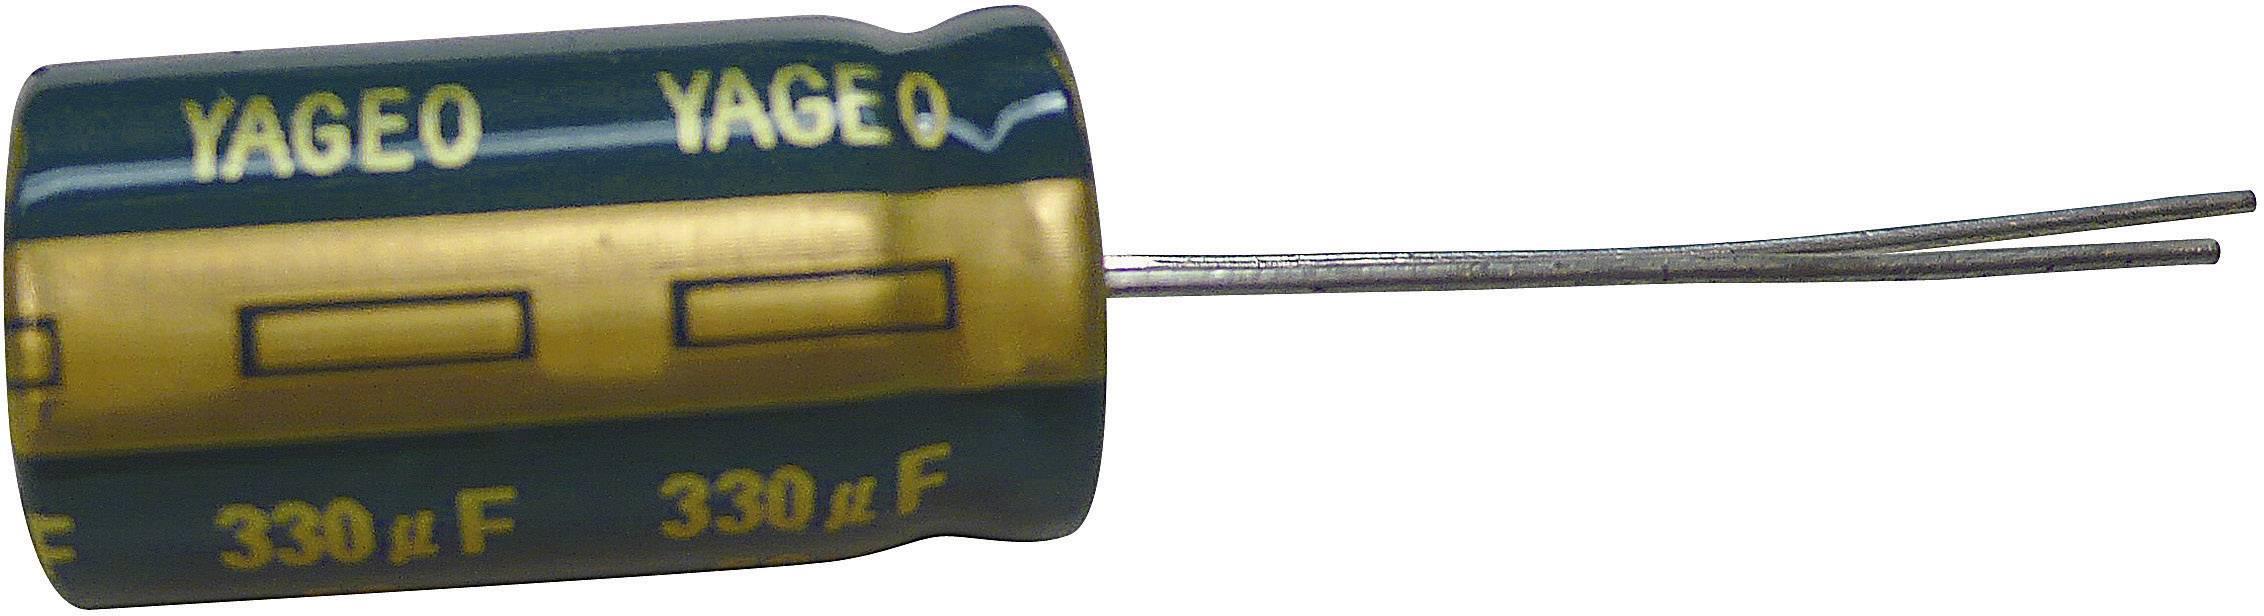 Kondenzátor elektrolytický Yageo SY025M0470B5S-1015, 470 mF, 25 V, 20 %, 15 x 10 mm